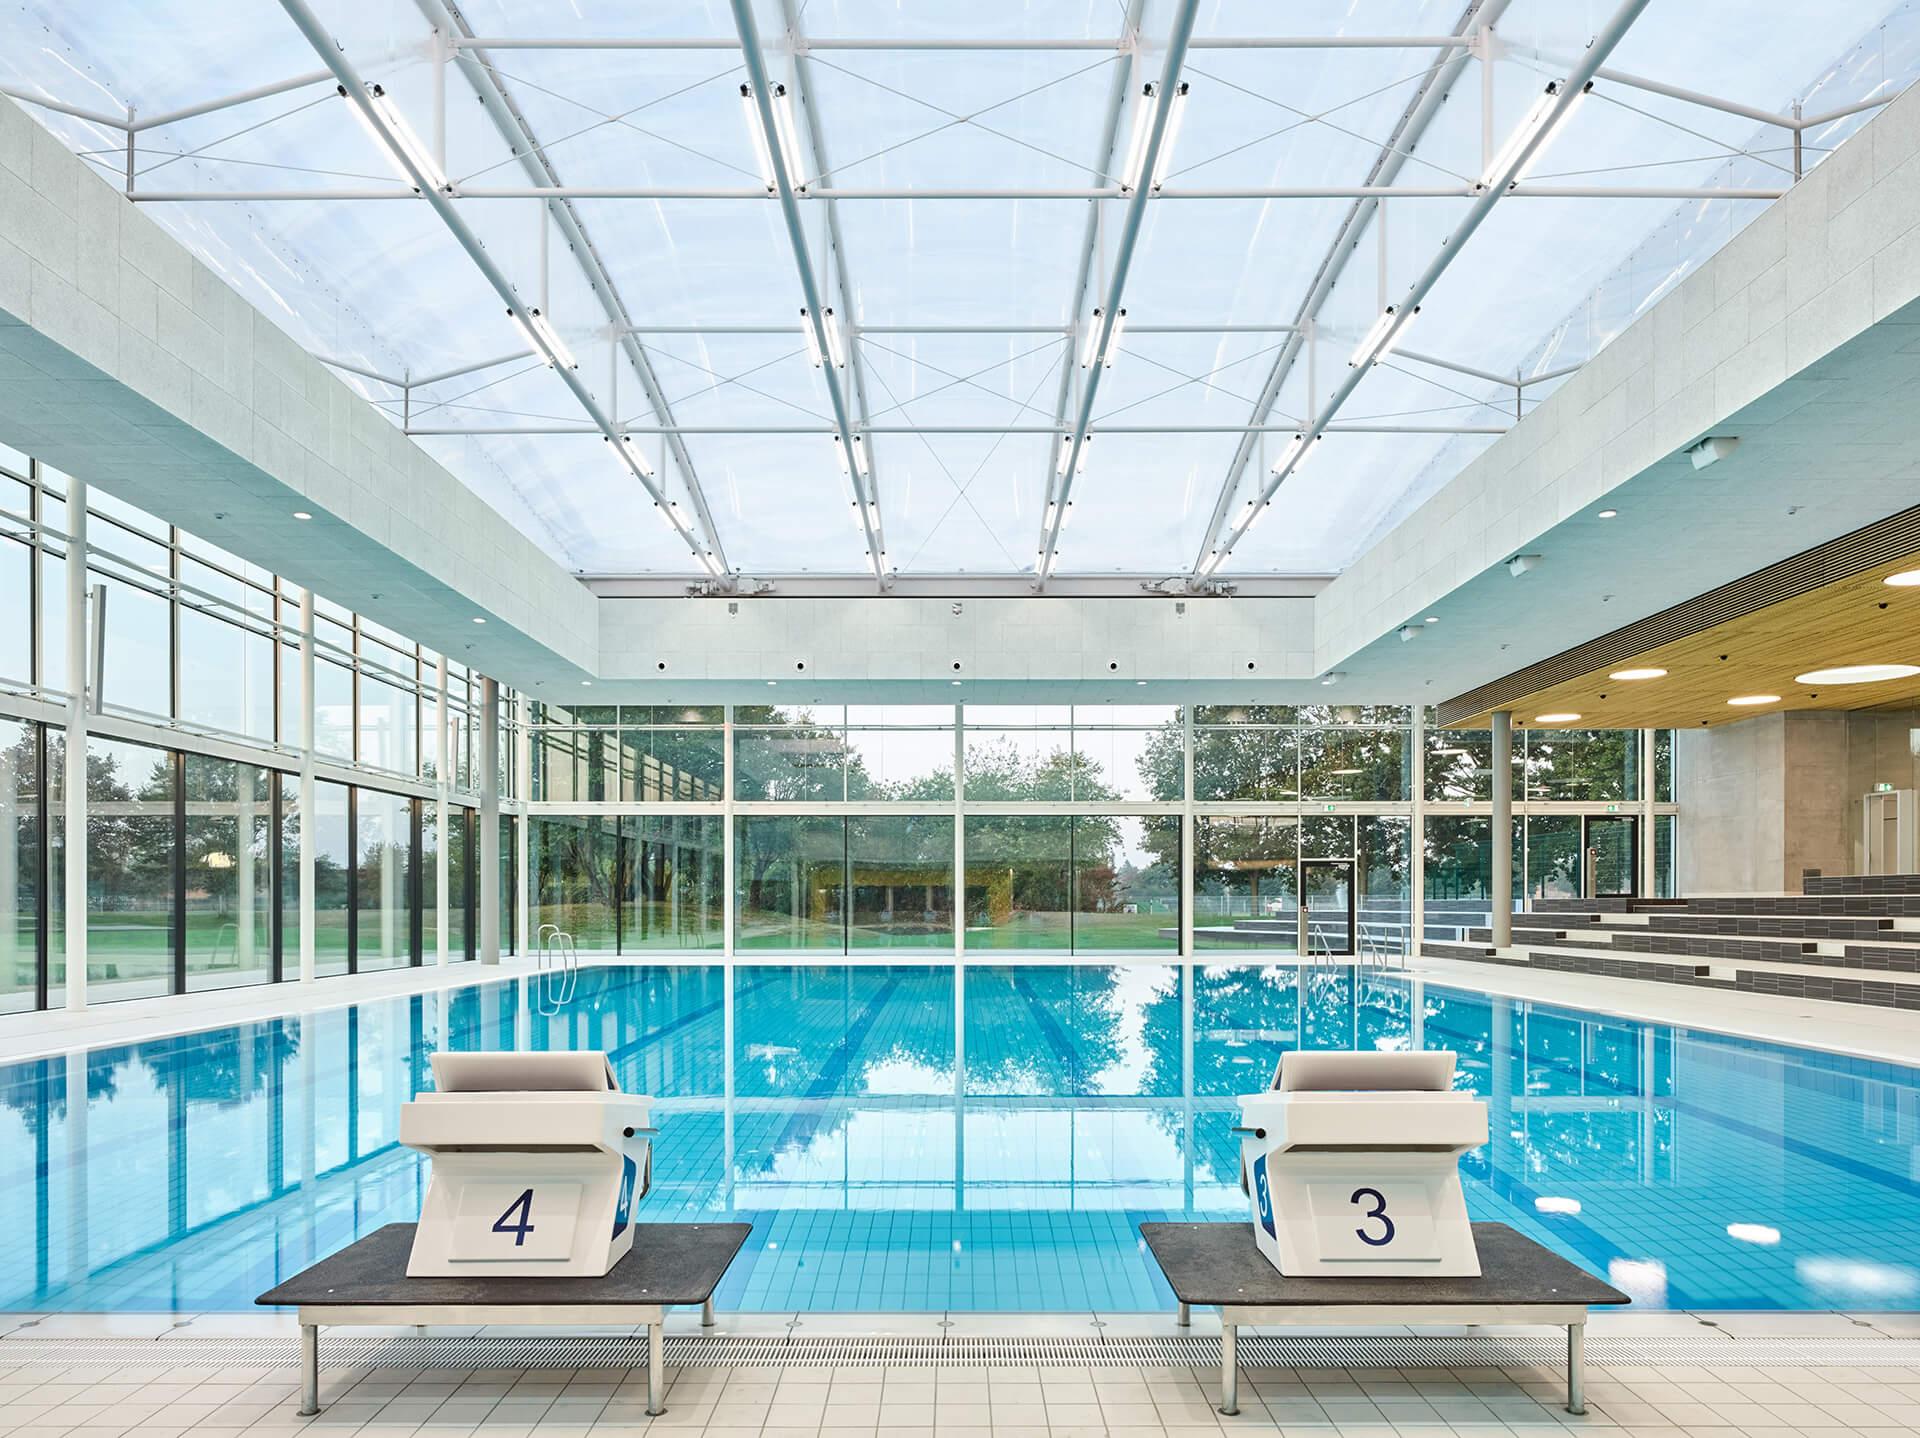 Fächerbad Karlsruhe – Die sportliche Schwimmwelt in Karlsruhe